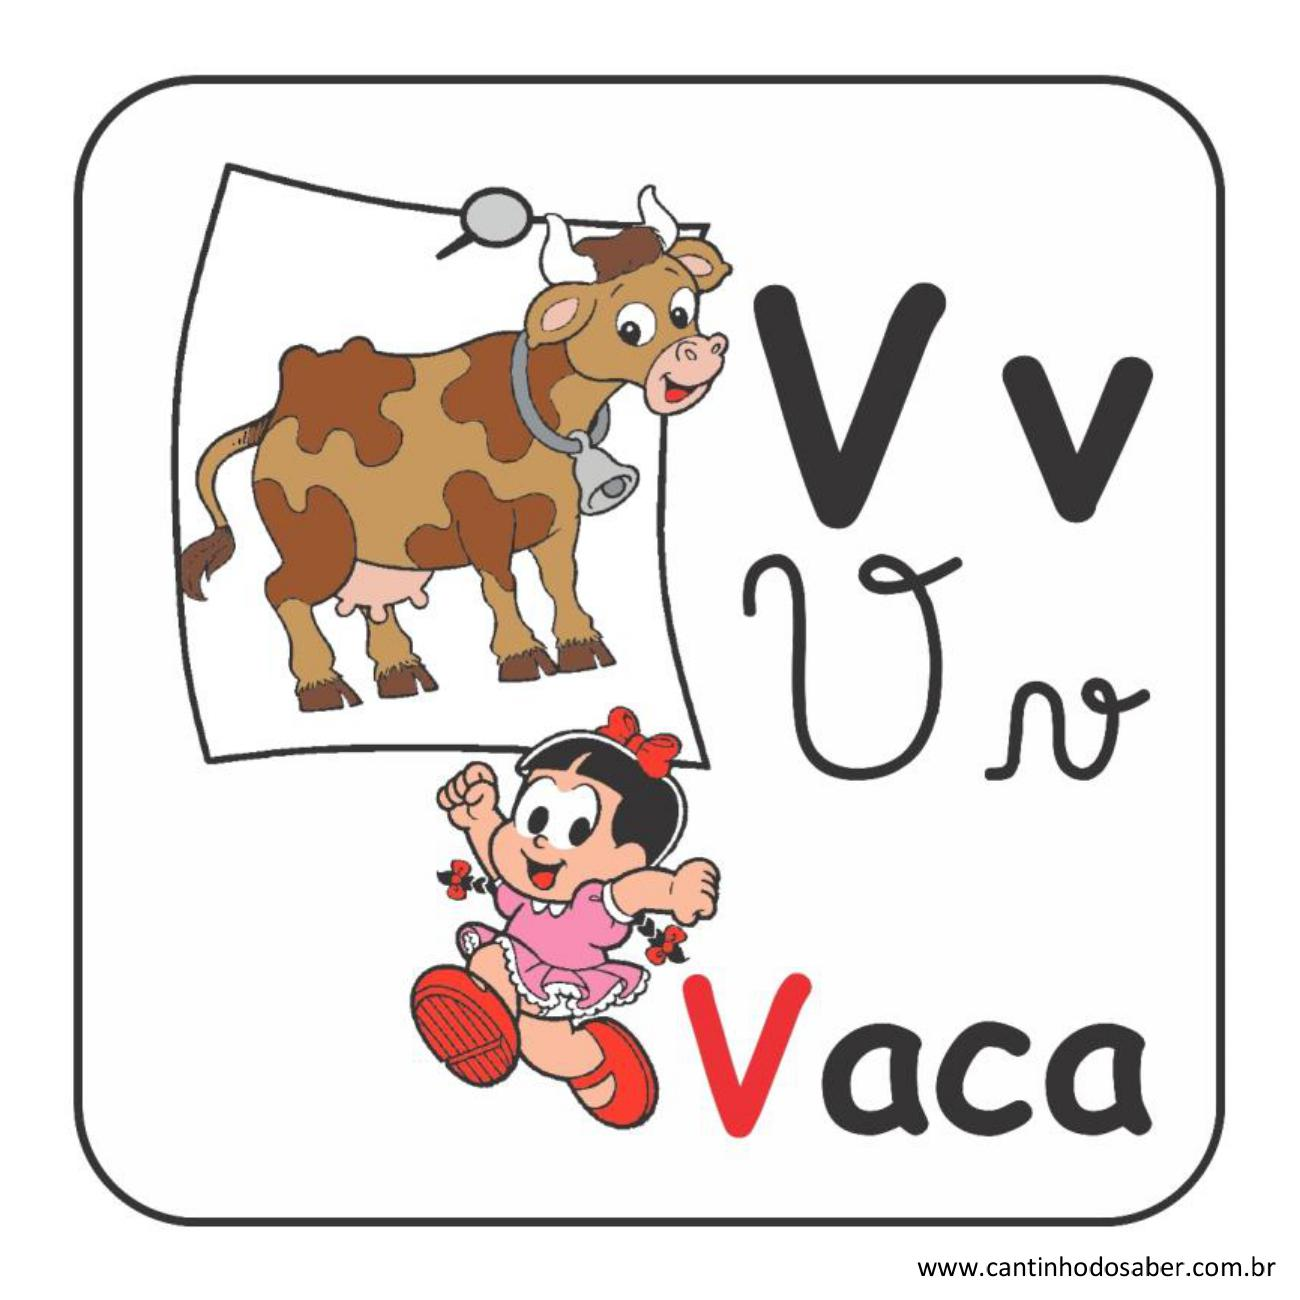 Alfabeto da turma da mônica em letra bastão e cursiva letra v